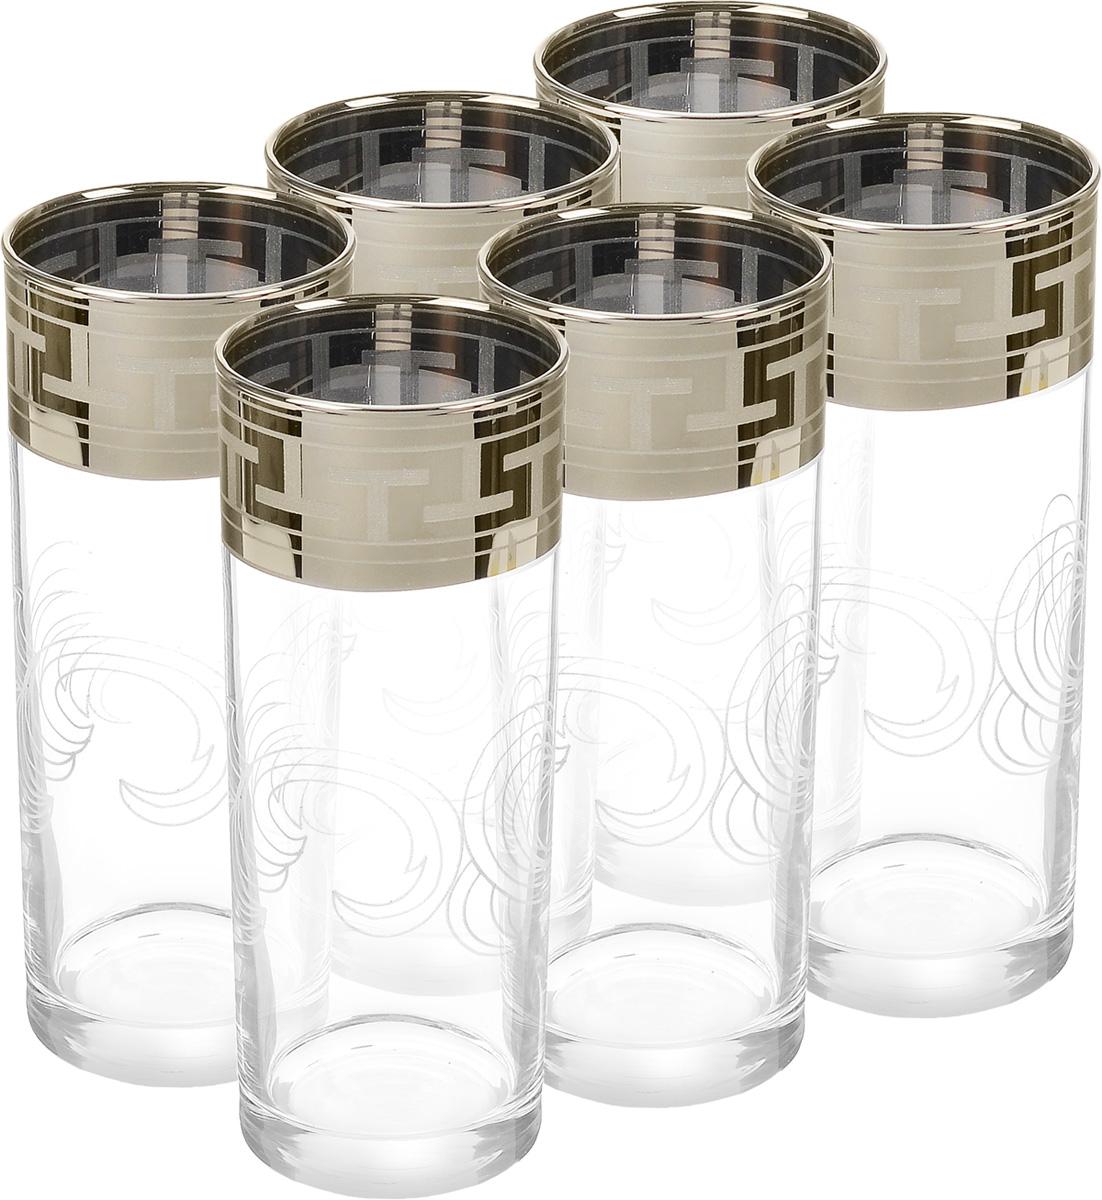 Набор стаканов Гусь-Хрустальный Греческий узор, 350 мл, 6 штVT-1520(SR)Набор Гусь-Хрустальный Греческий узор состоит из 6 высоких стаканов, изготовленных из высококачественного натрий-кальций-силикатного стекла. Изделия оформлены красивым зеркальным покрытием и прозрачным орнаментом. Стаканы предназначены для подачи коктейлей, а также воды и сока. Такой набор прекрасно дополнит праздничный стол и станет желанным подарком в любом доме. Разрешается мыть в посудомоечной машине. Диаметр стакана (по верхнему краю): 6,2 см. Высота стакана: 15,5 см.